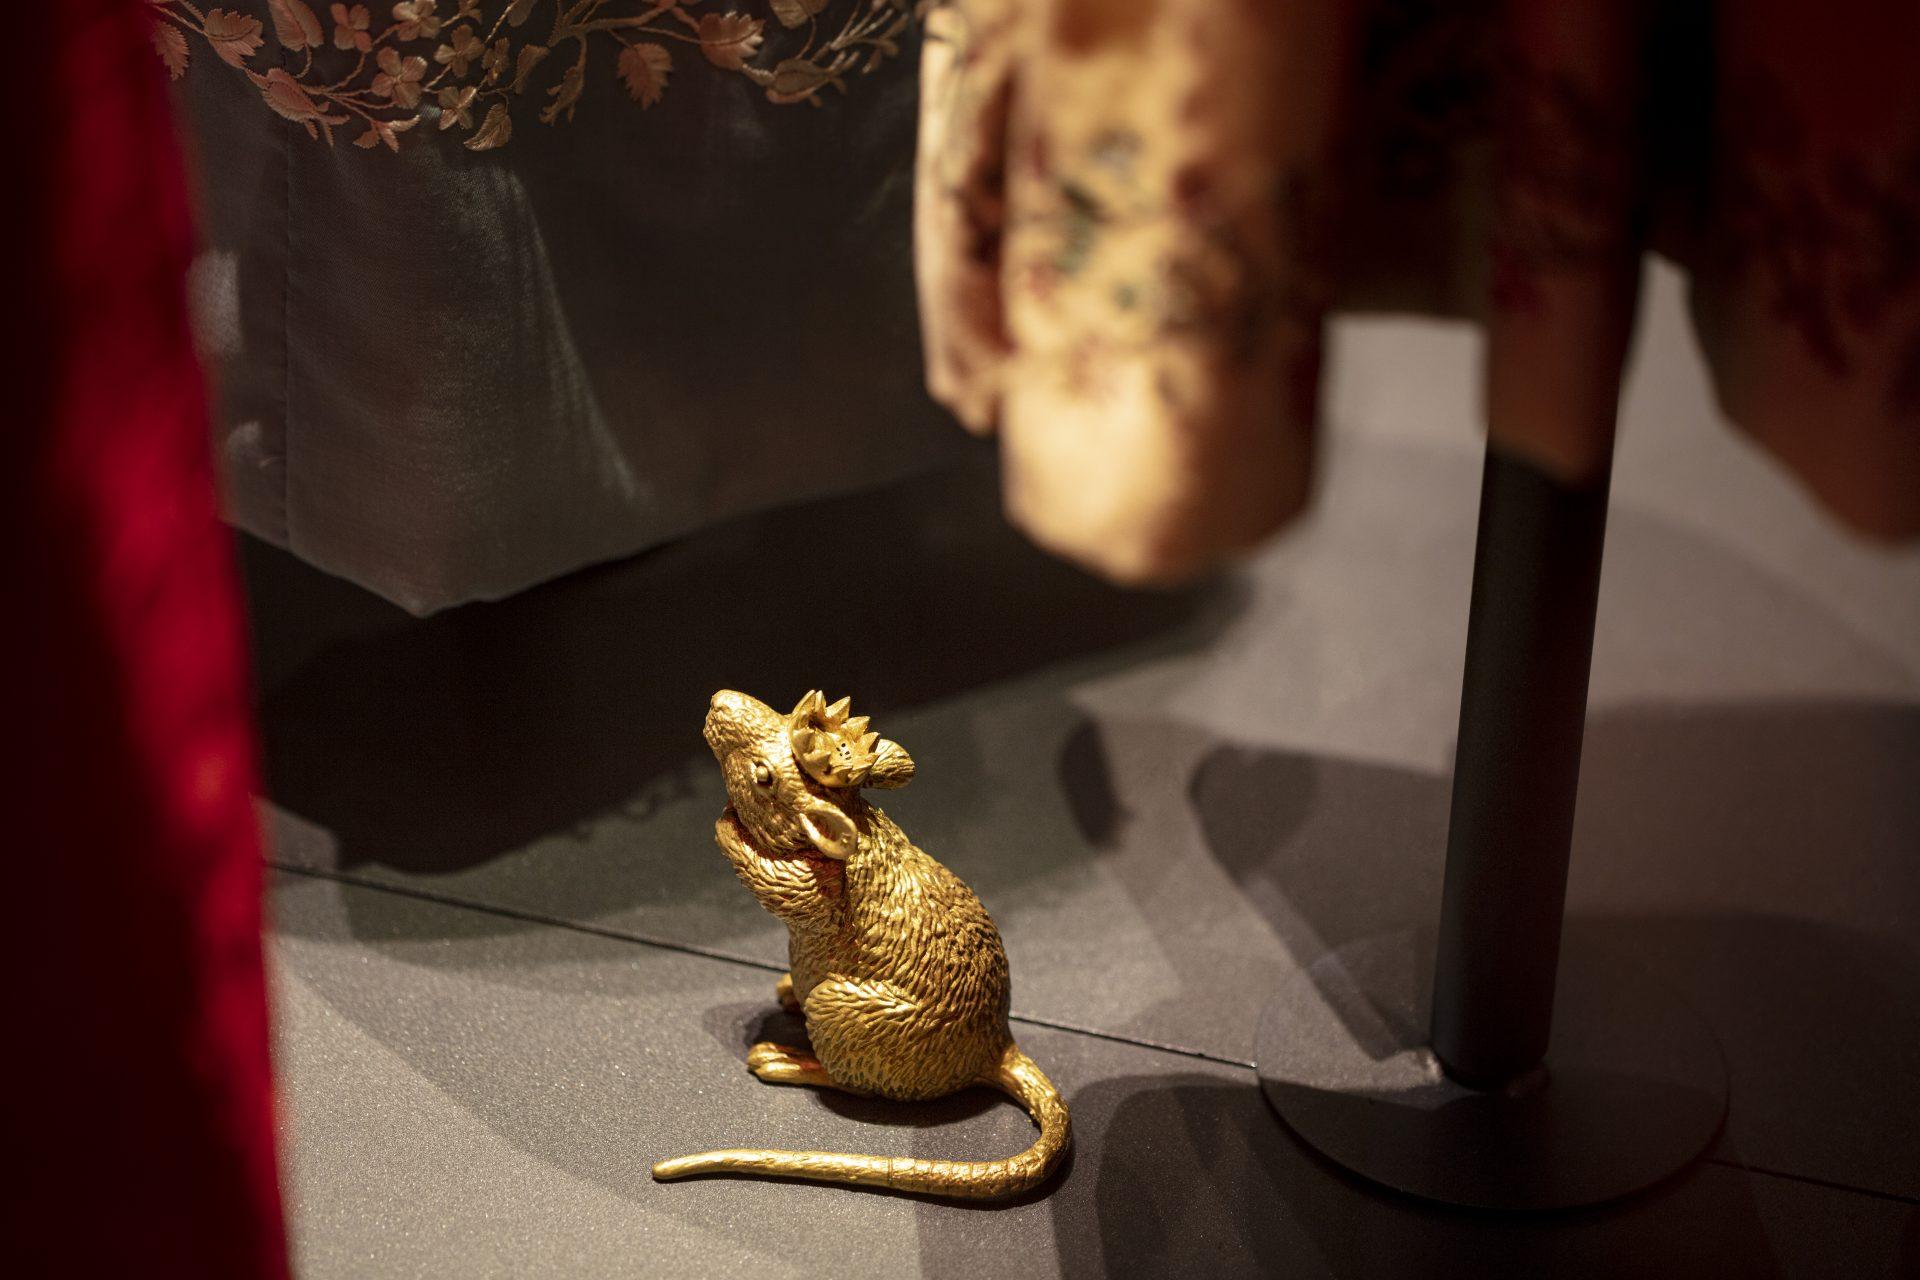 En liten guldig mus med kungakrona som sitter och tittar upp mot en kunglig klänning.